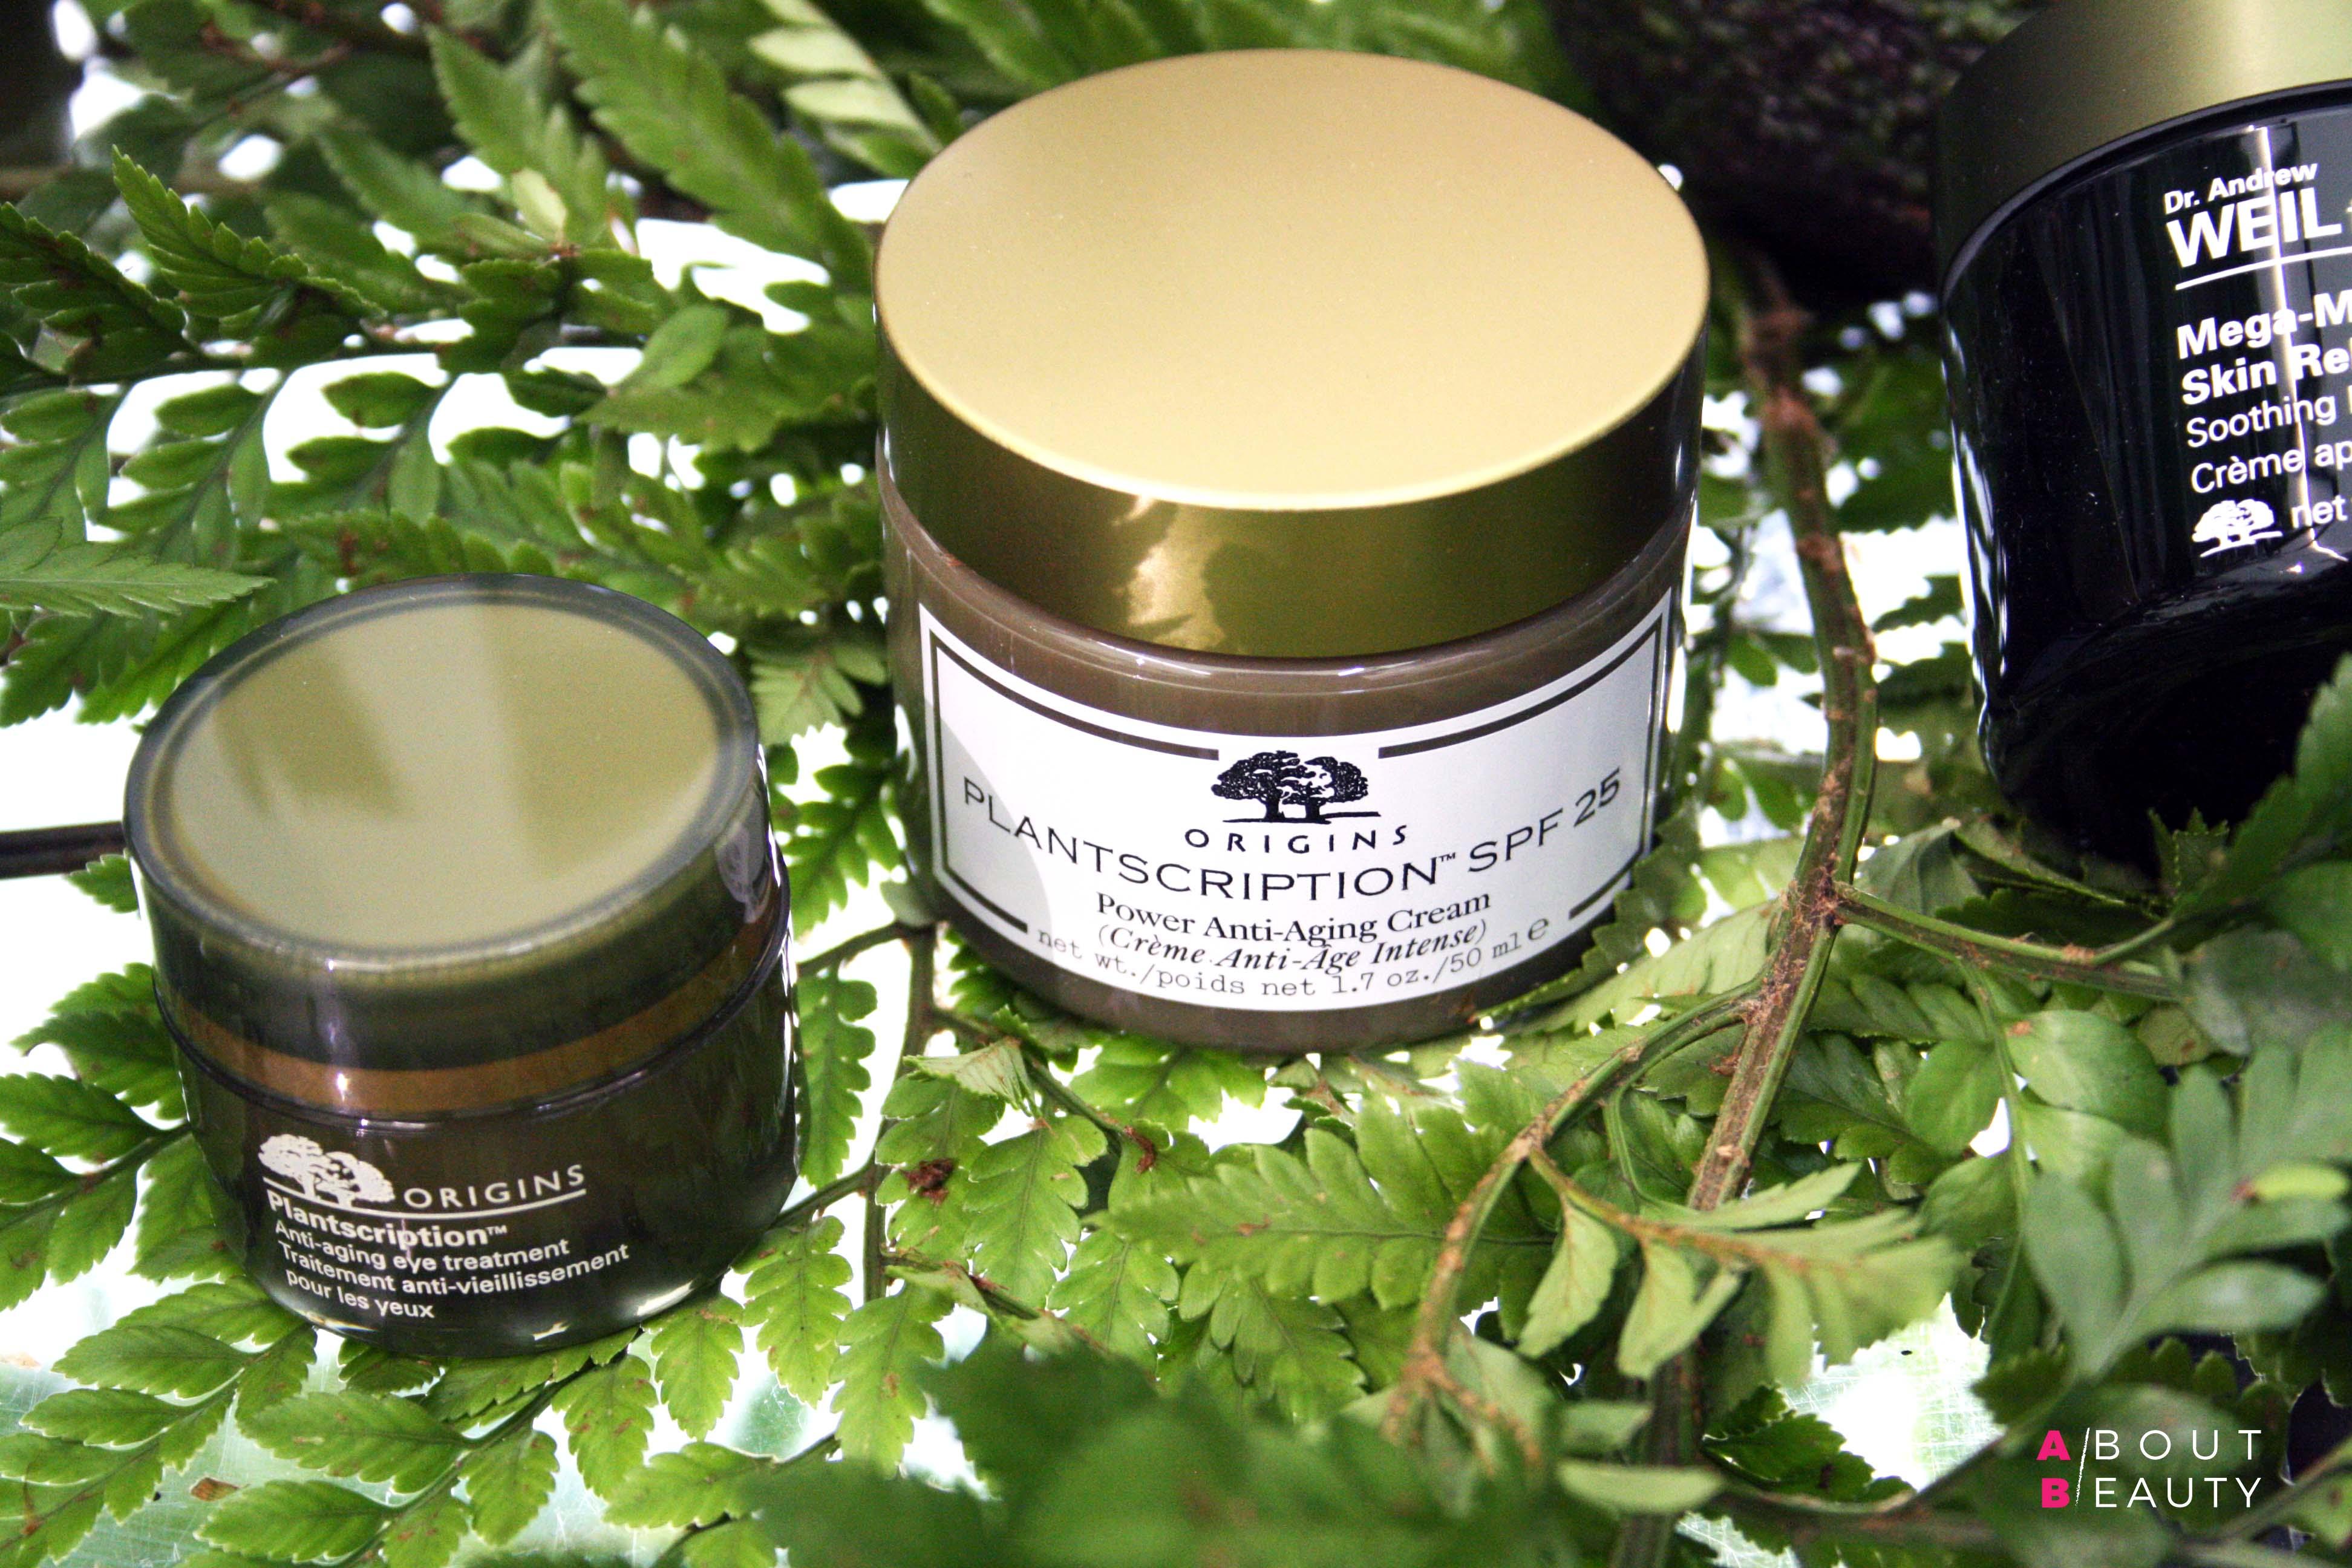 Origins arriva da Sephora con le sue linee skincare naturali: tutte le info foto e prezzi - Plantscription SPF 25